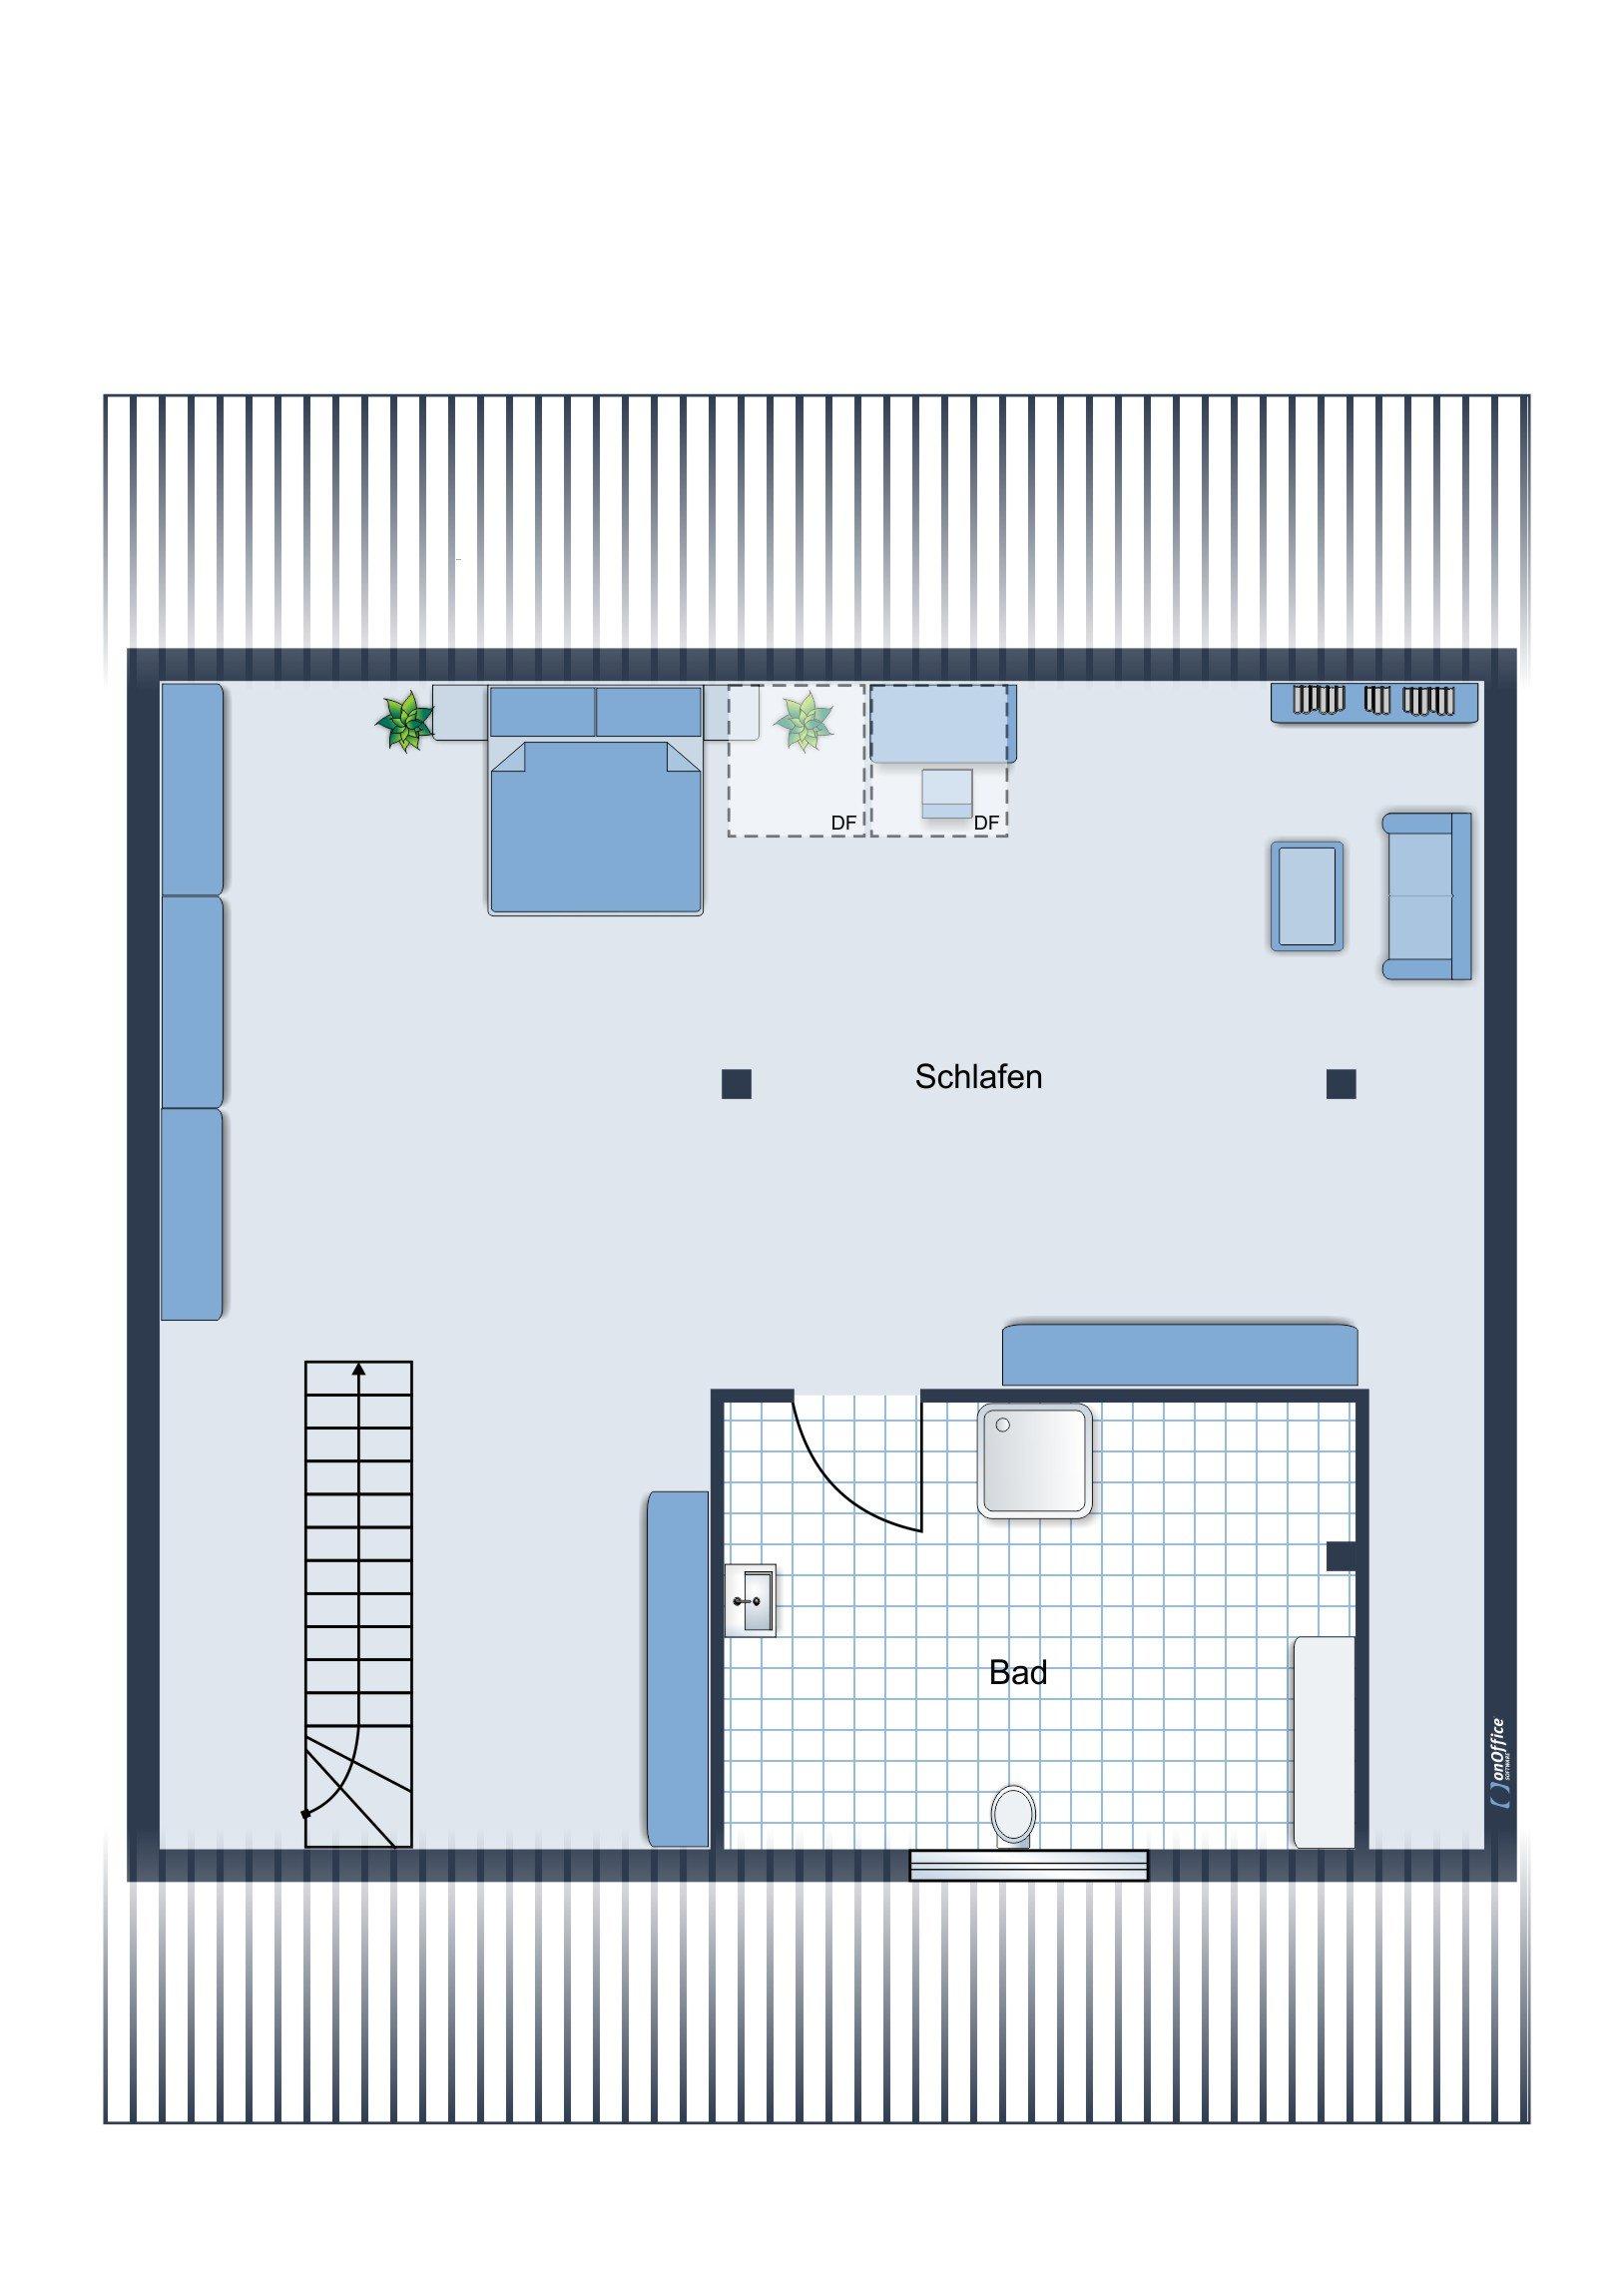 Möbliervorschlag 2. Ebene